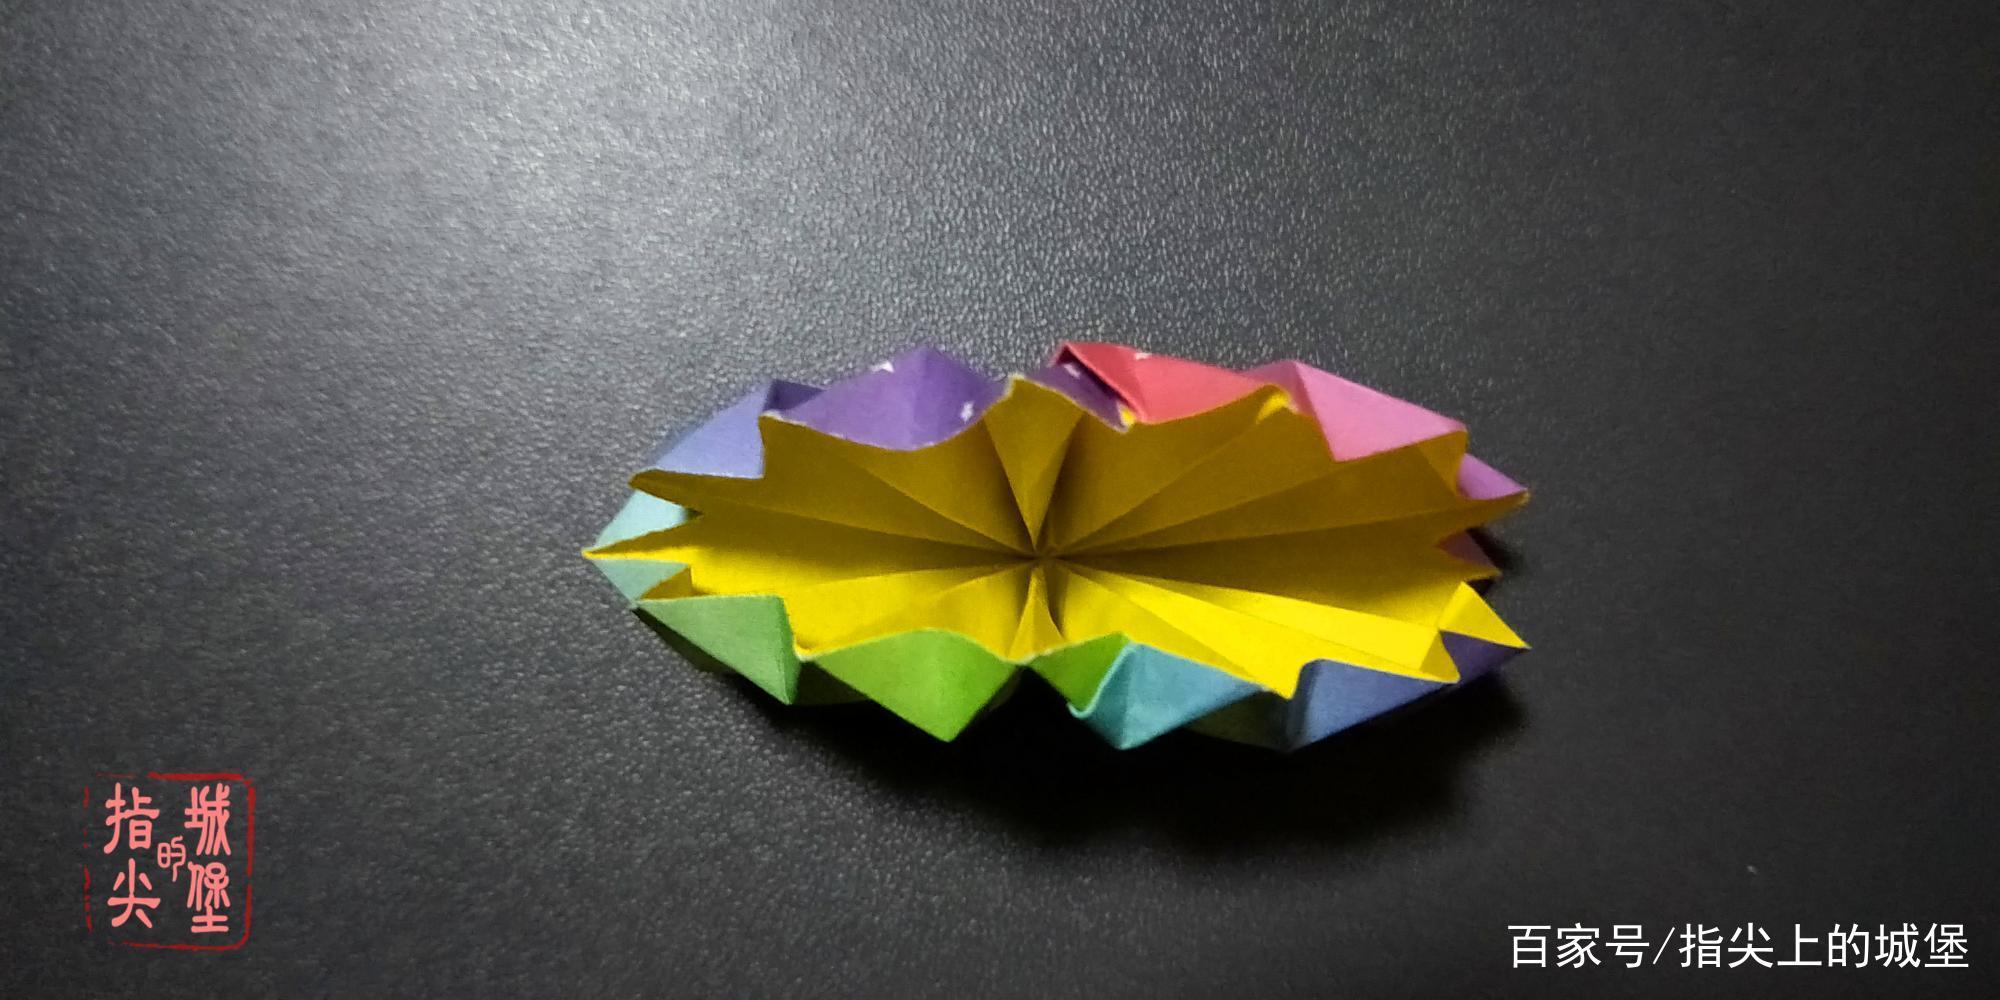 简单的折纸花,齿轮装饰花手工折纸,扇形花折纸